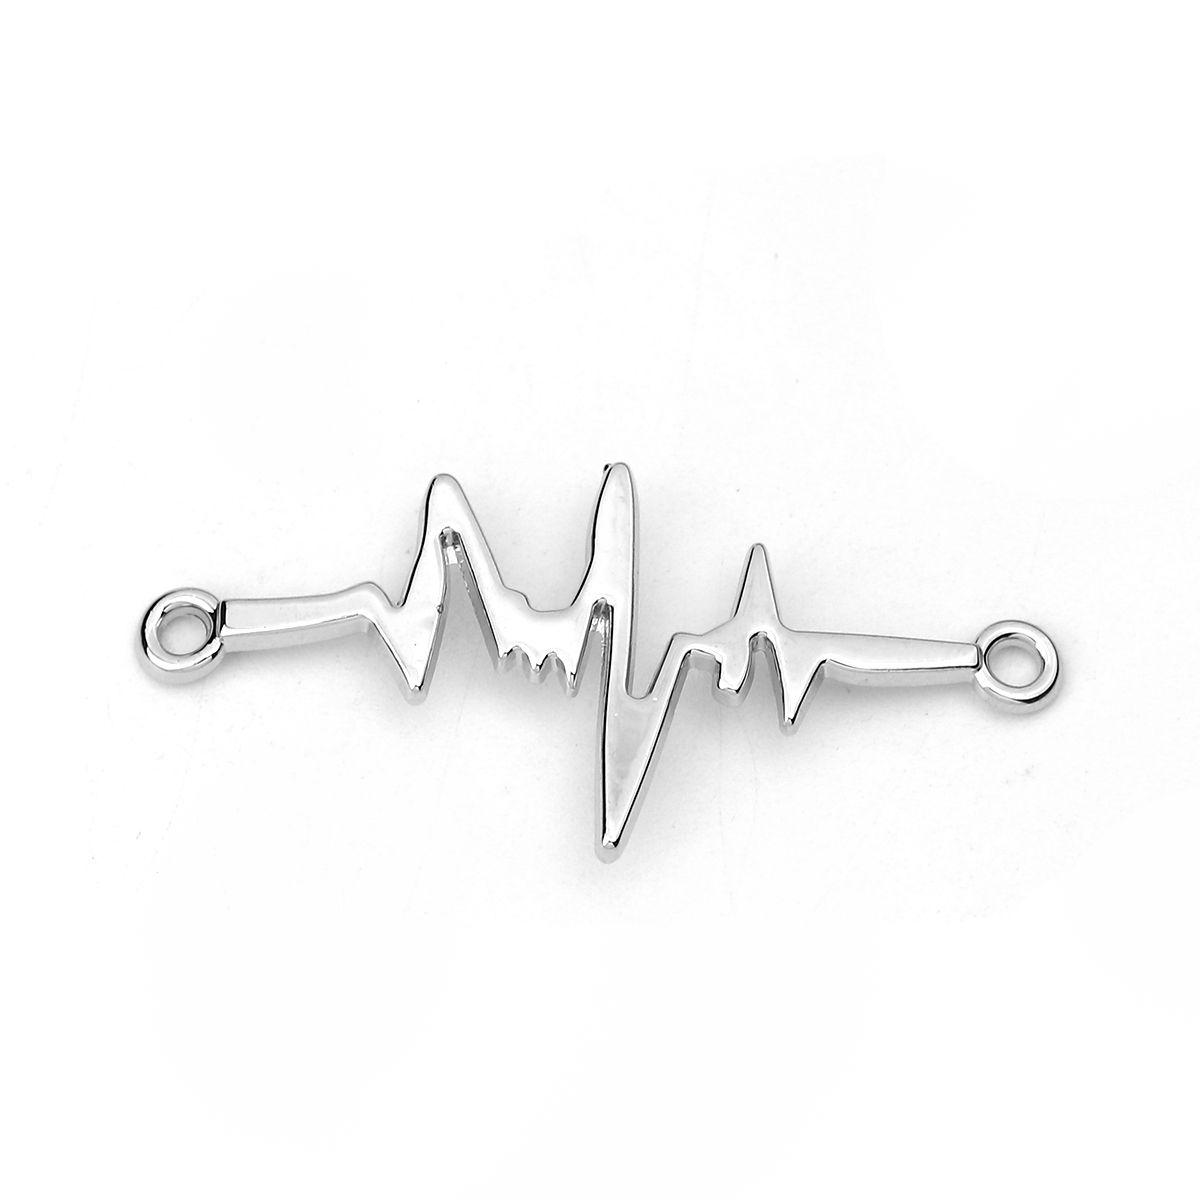 Schmuckverbinder Herzschlag - 5 Stück - 44 x 20 mm